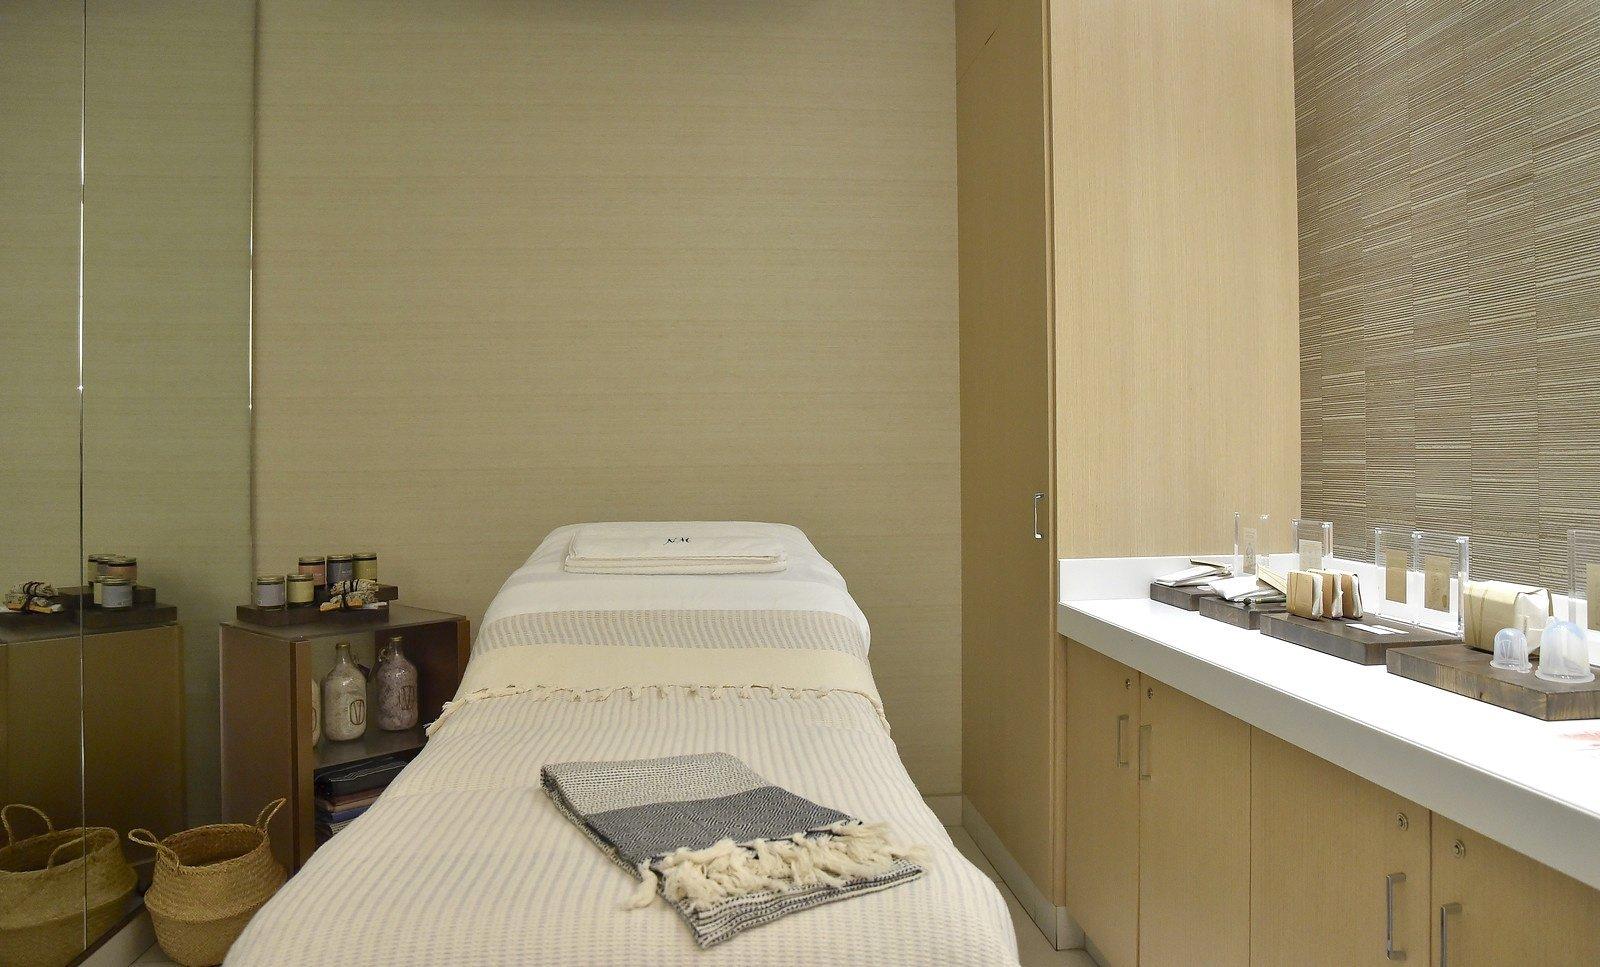 VIe Healing at Neiman Marcus